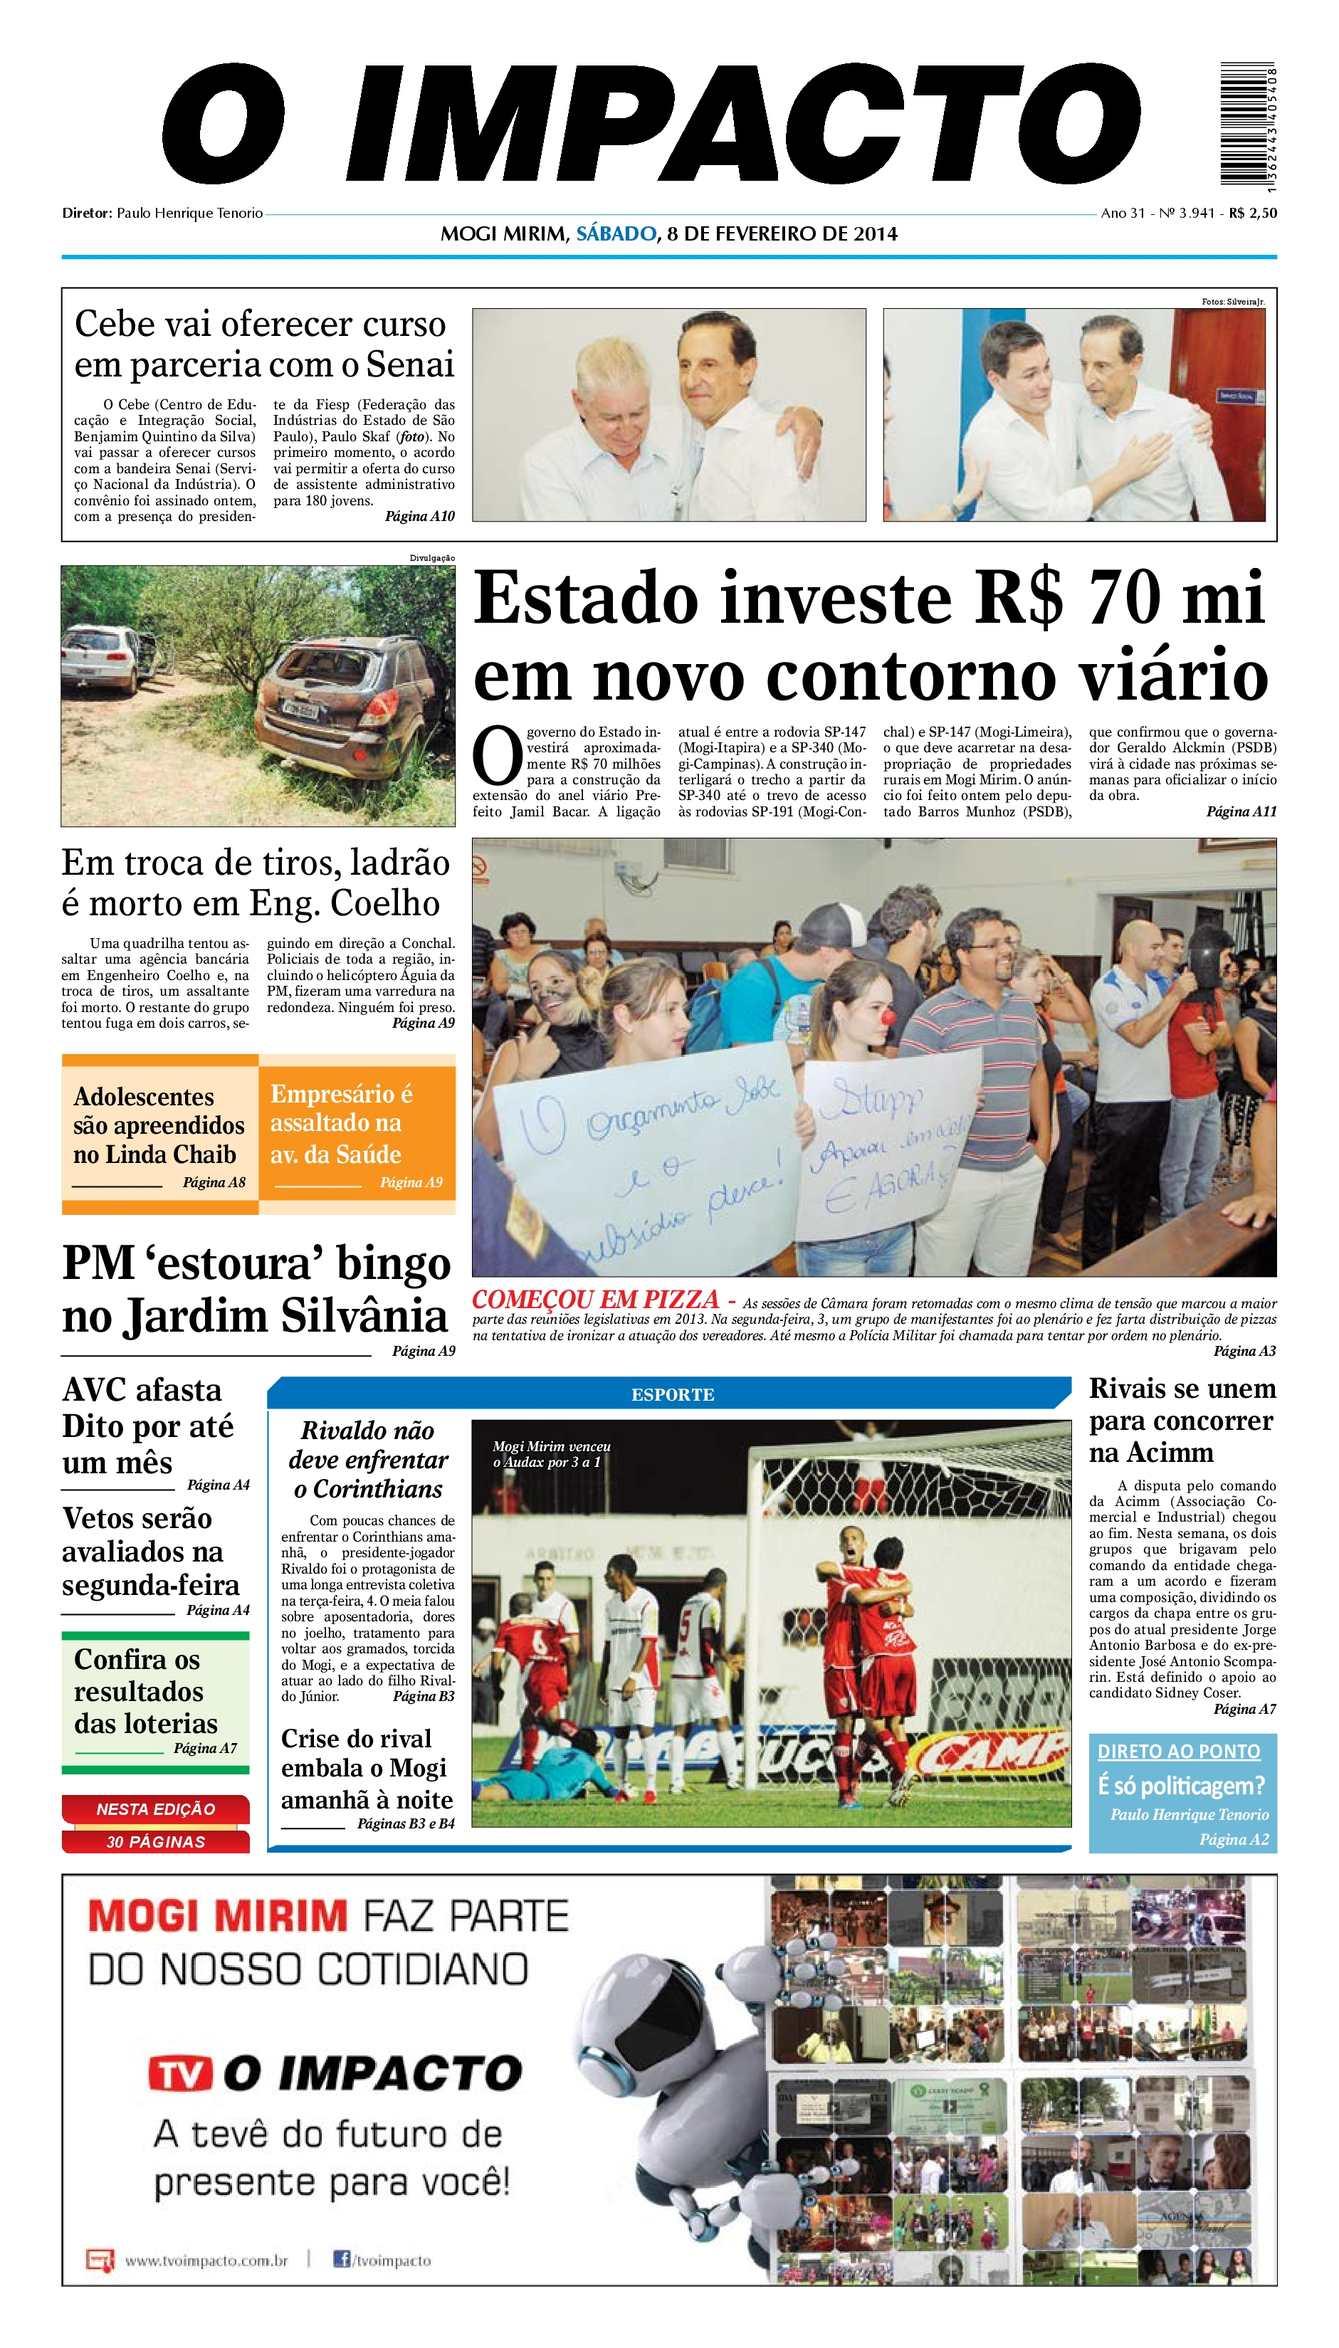 Calaméo - Edição 08 02 14 dc3fb4db3859f